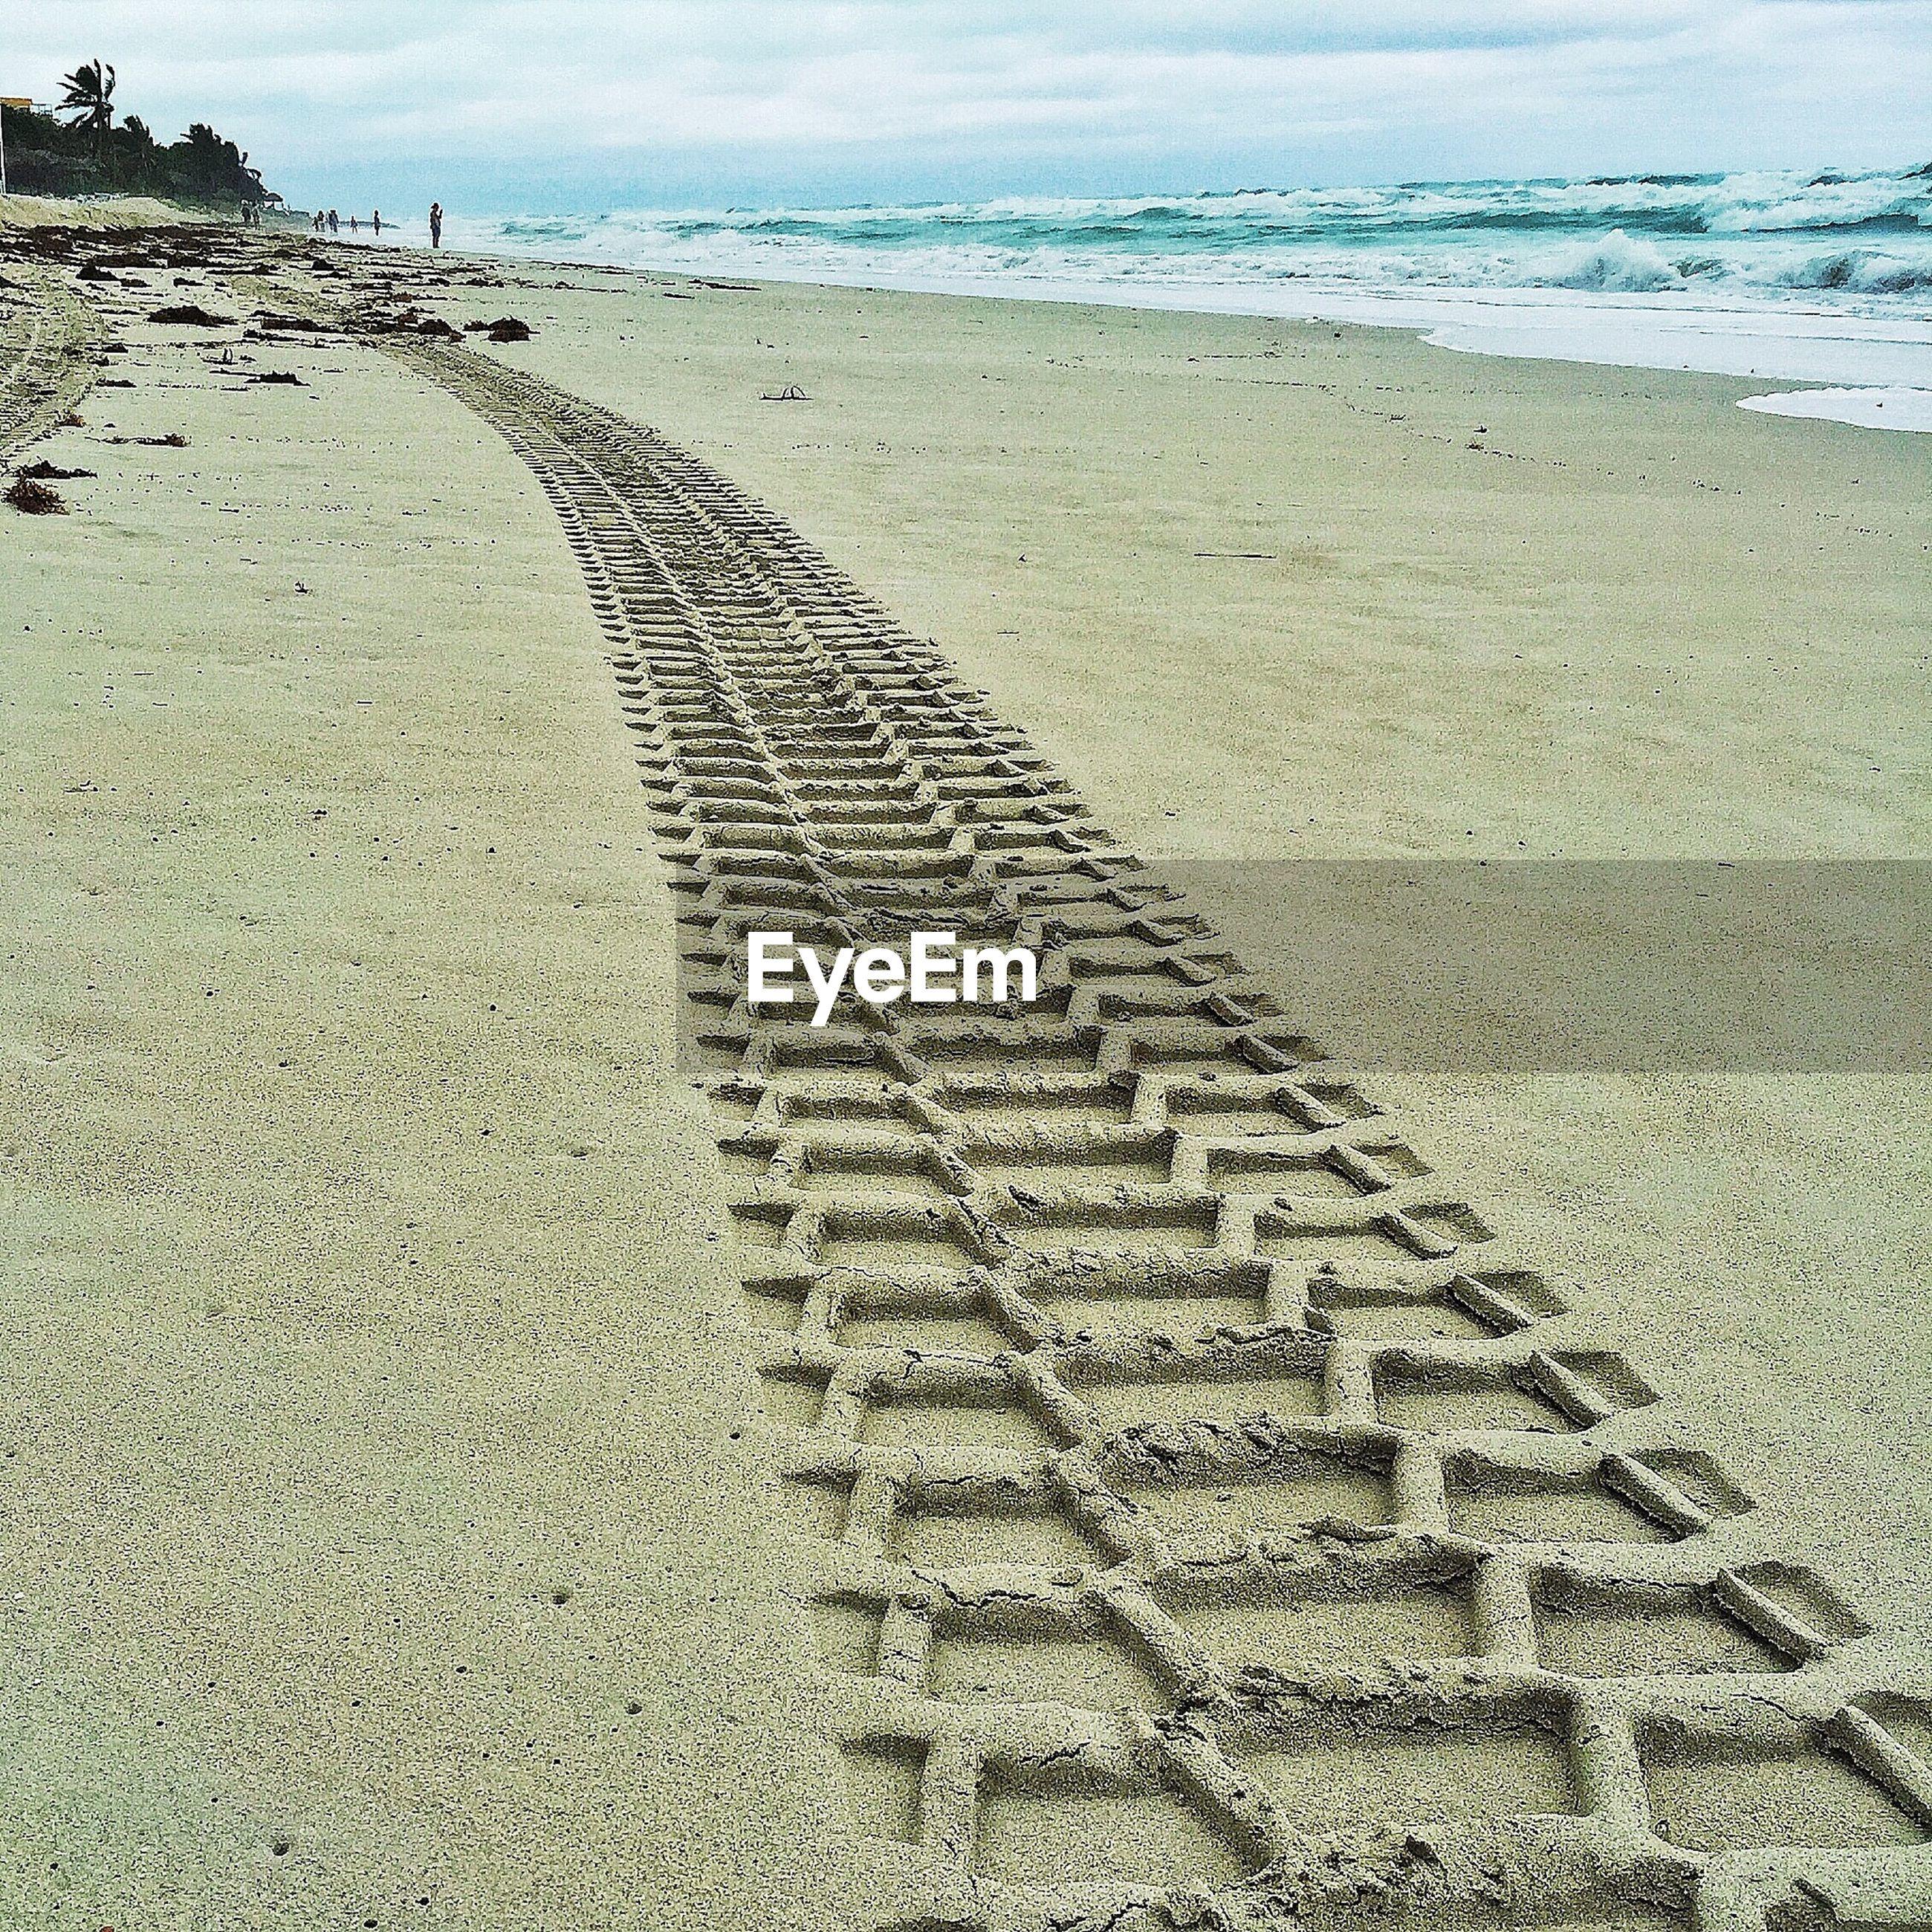 Tire tracks on beach